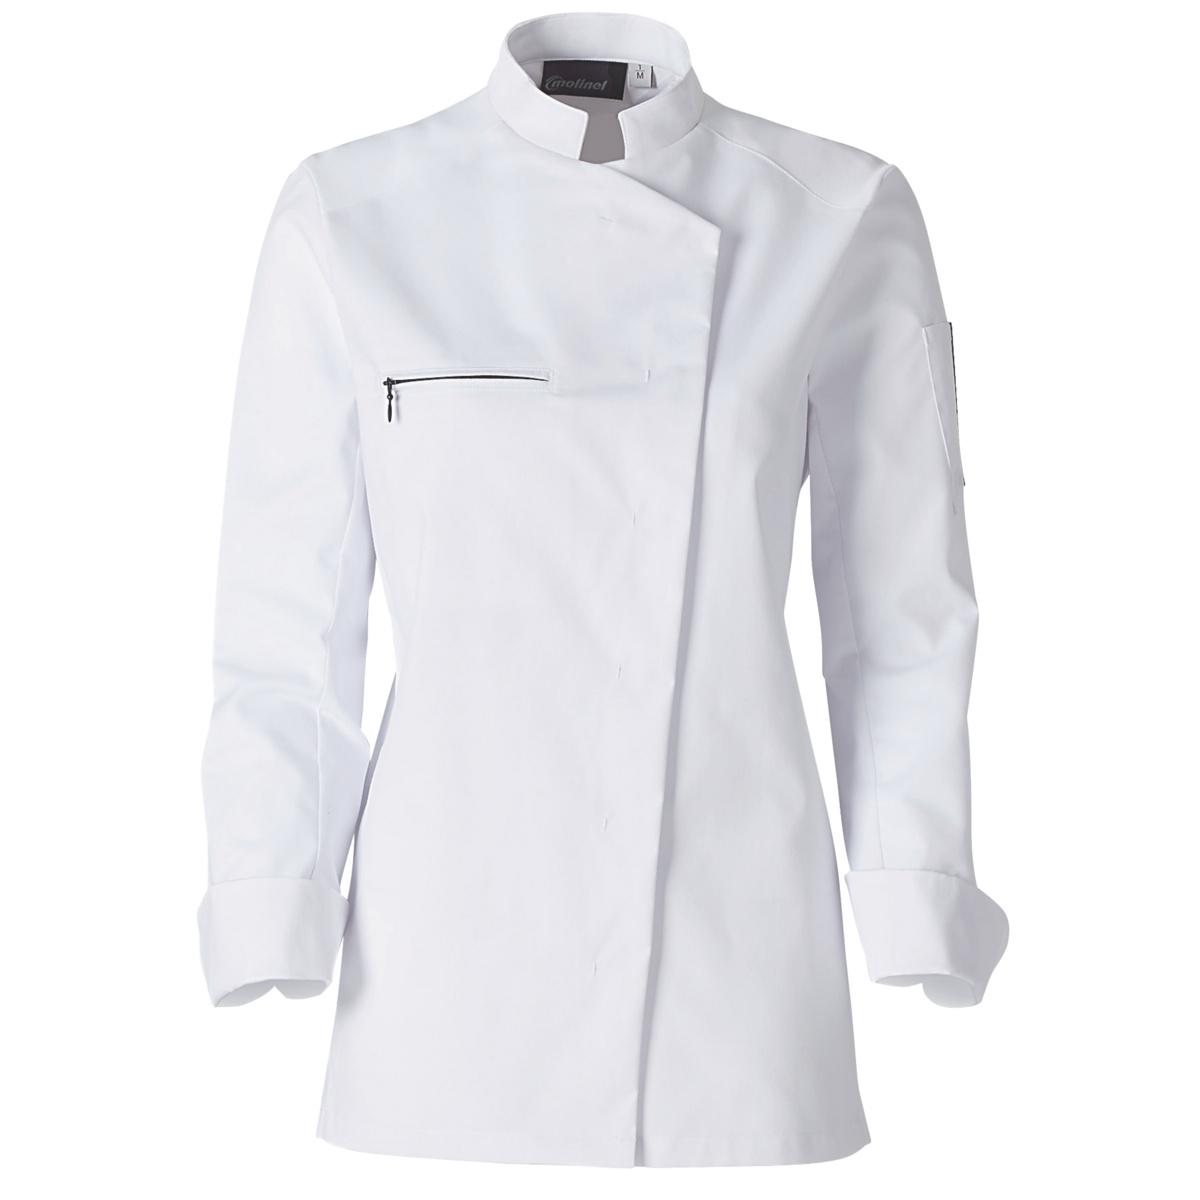 Veste femme manches longues blanc taille 1 Jaklab Molinel